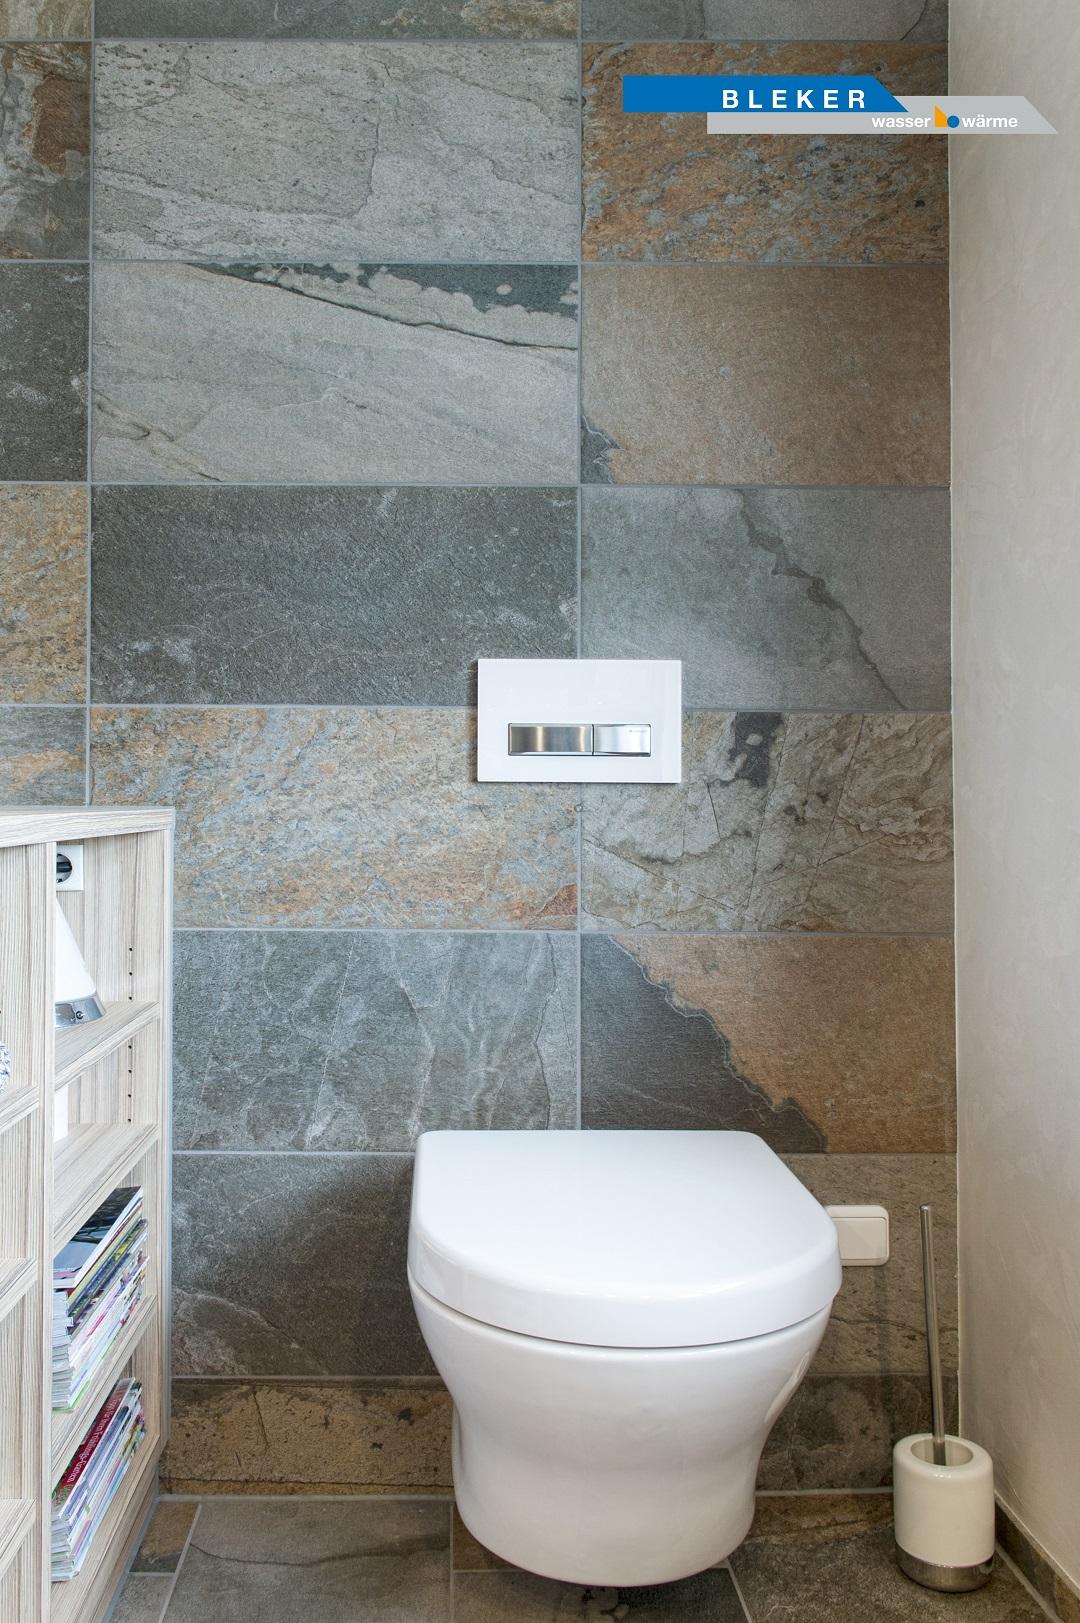 Bad mit Sandsteinfliesen und weisse WC